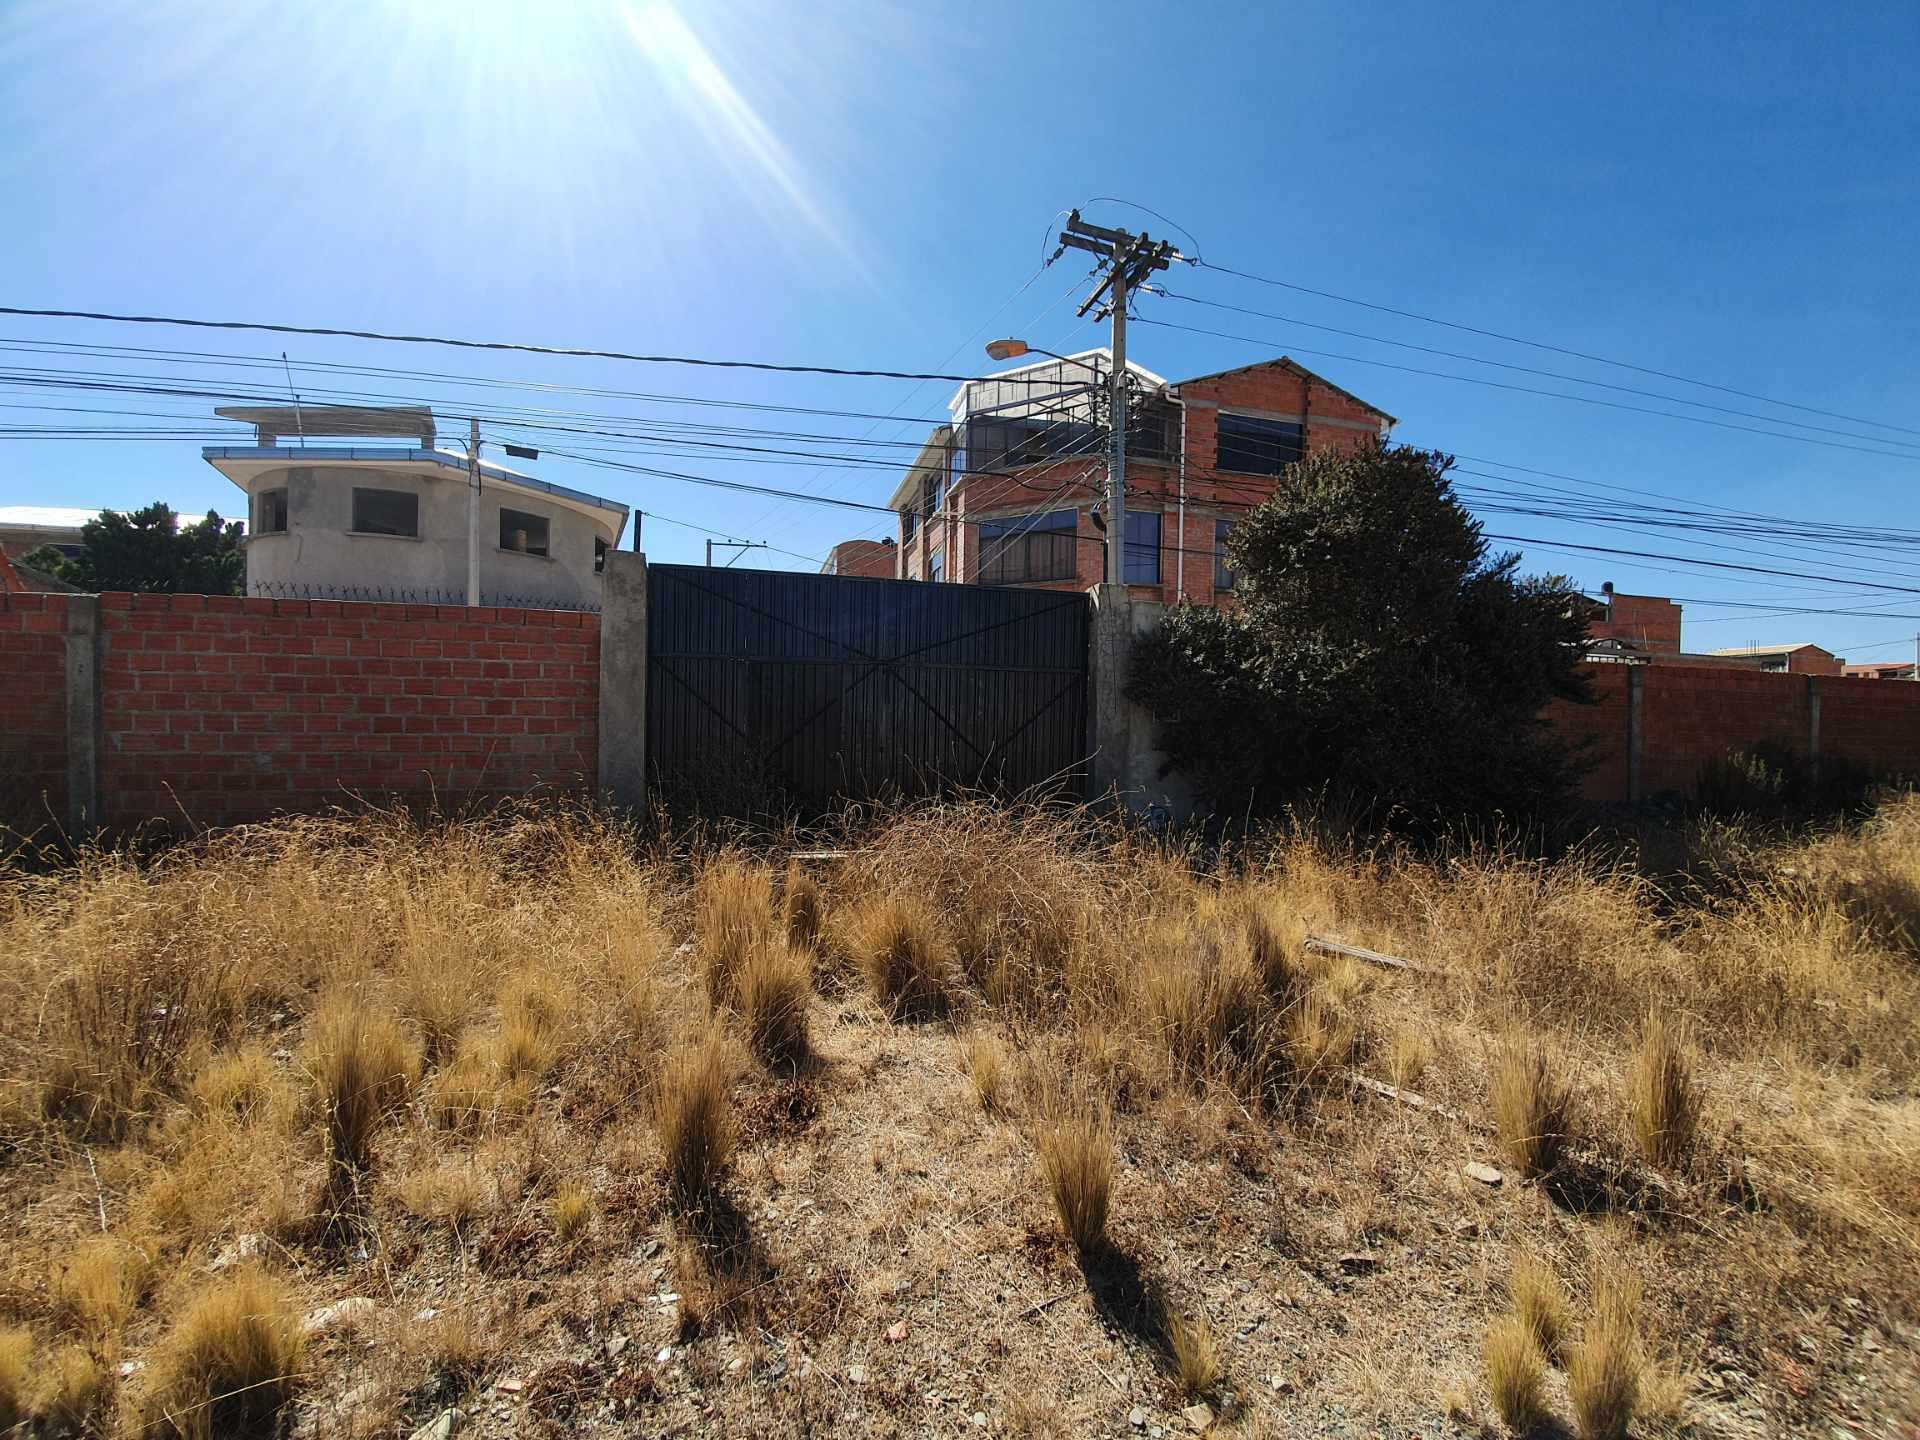 Terreno en Venta A 4 cuadras de Cruce a Villa Adela y a una de Avenida Bolivia  Foto 2